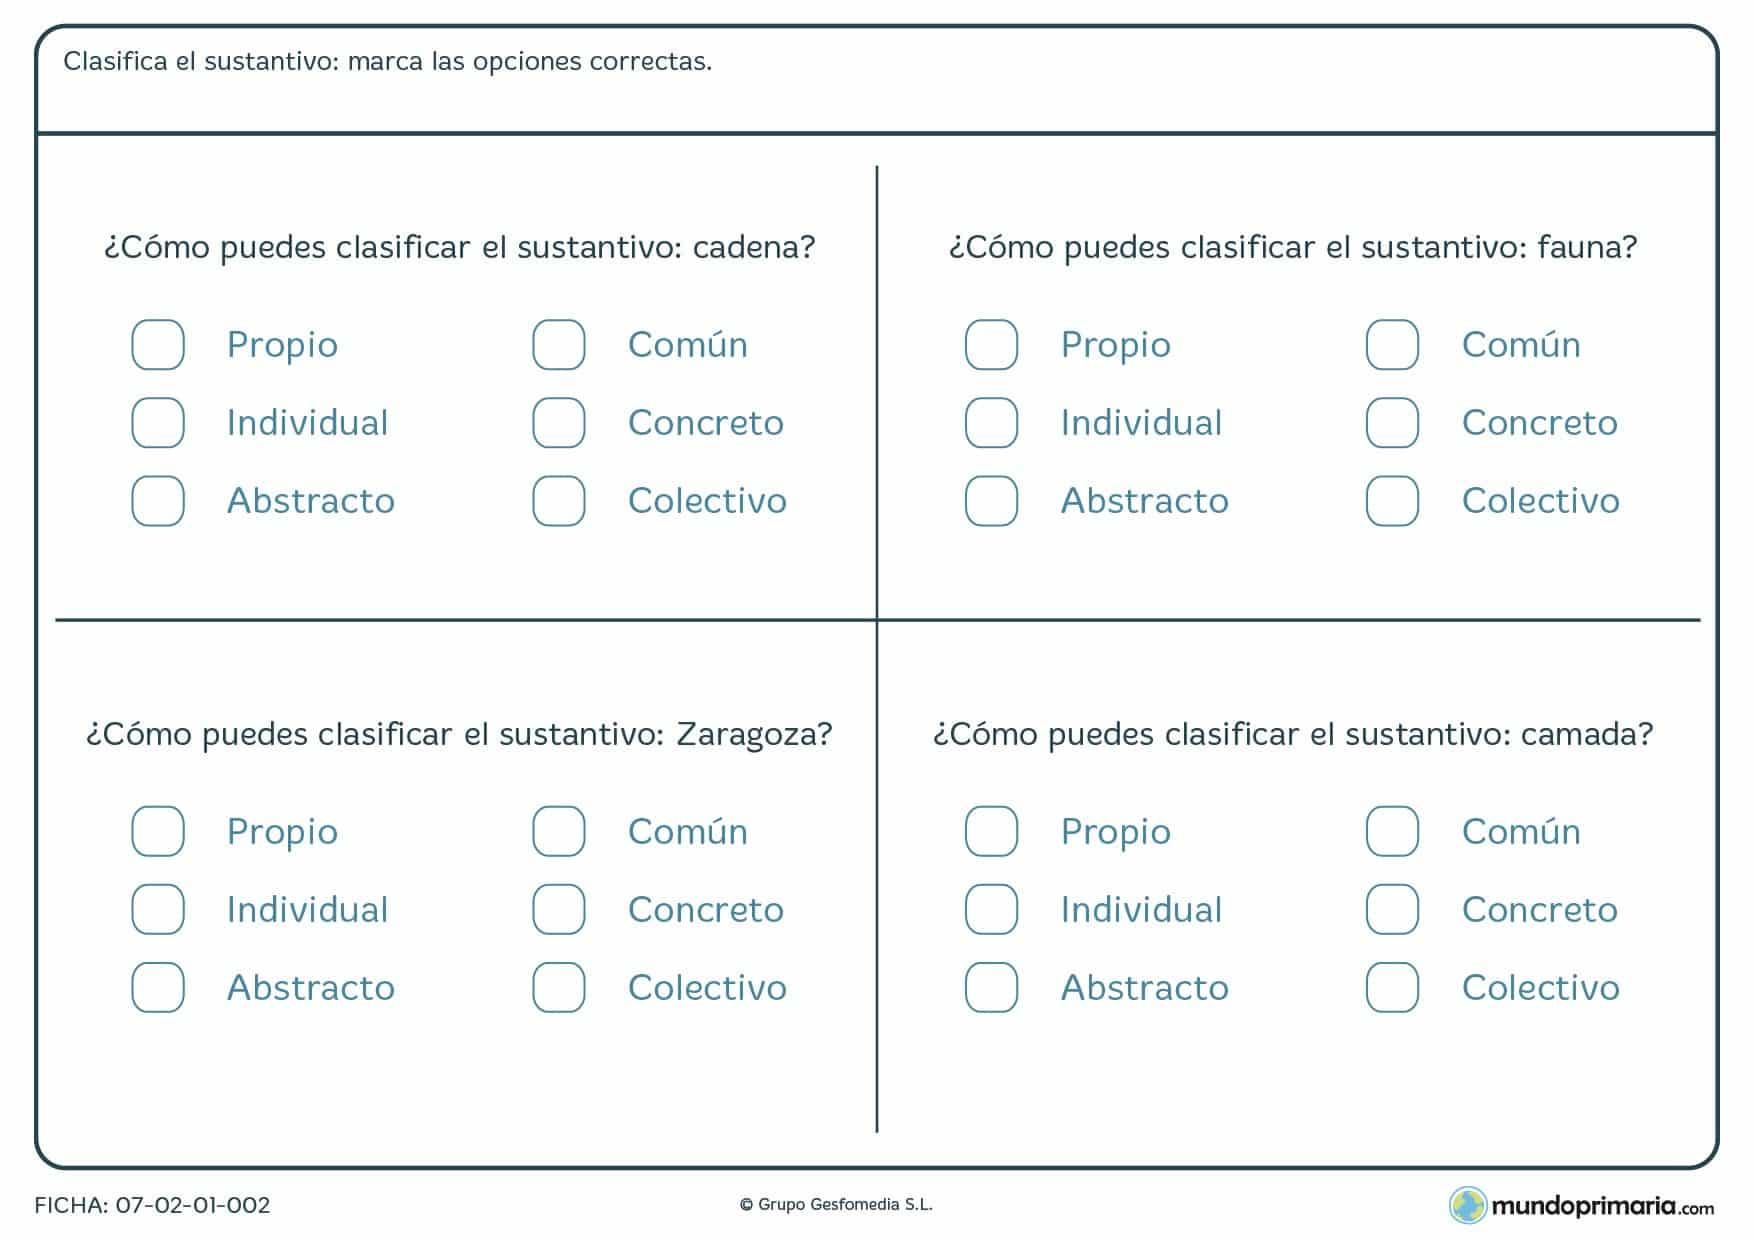 Ficha de clasificar sustantivos en propios,concretos,individuales,colectivos,etc,marcando una x sobre la respuesta correcta.